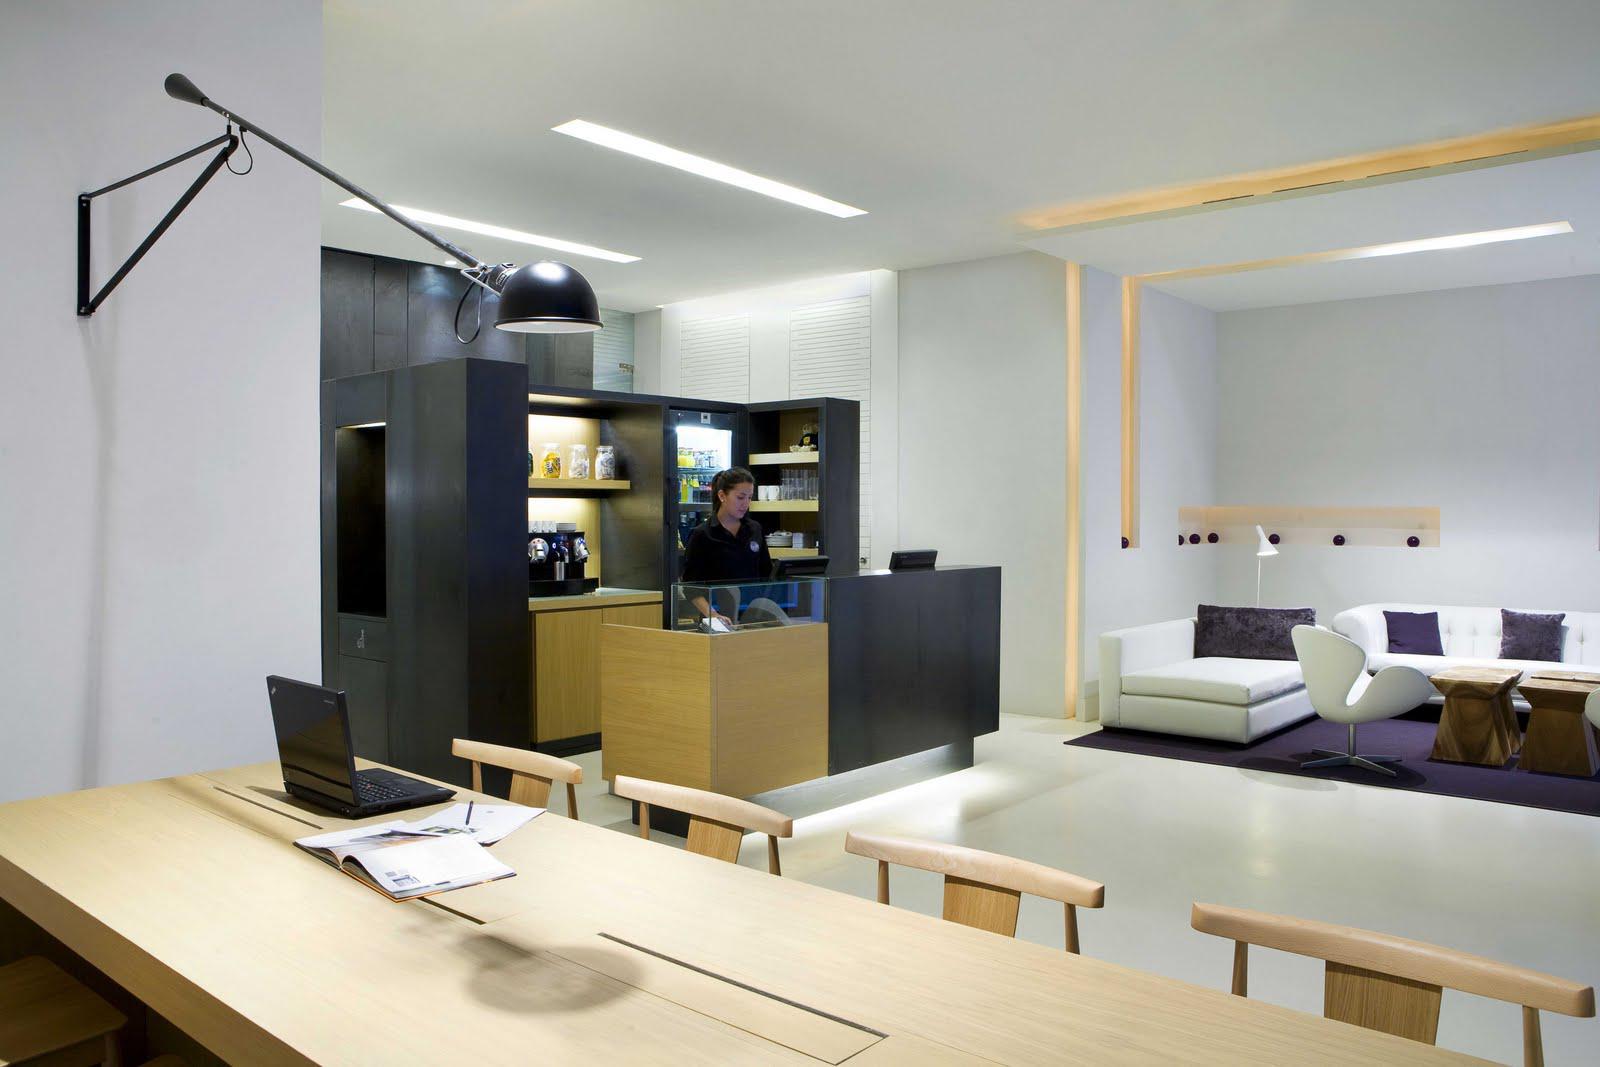 Prodazha 3-zvezdochnogo otelya v tsentre Barselony v Goticheskom kvartale - N3302 - vikmar-realty.ru